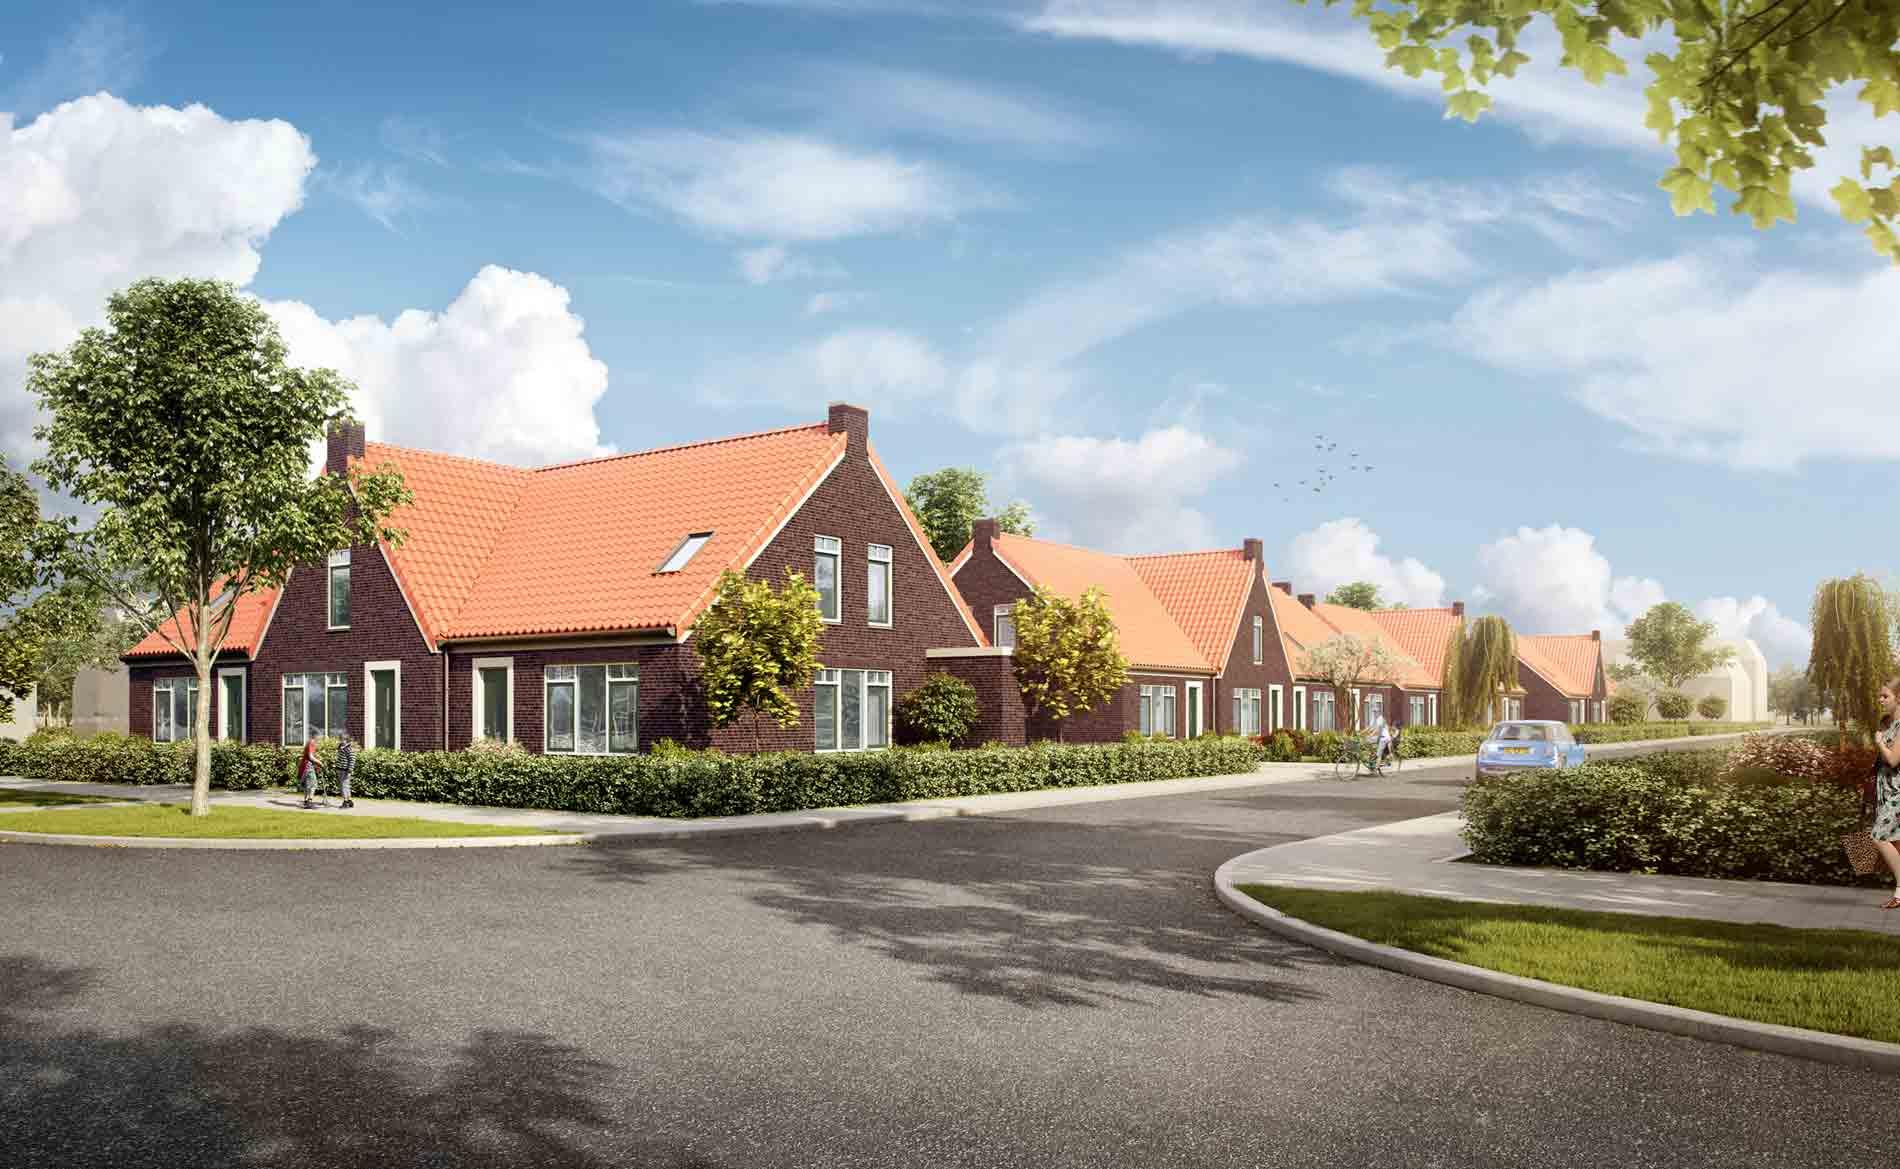 dorps levensloopbestendig rijwoningen Breezand BBHD architecten